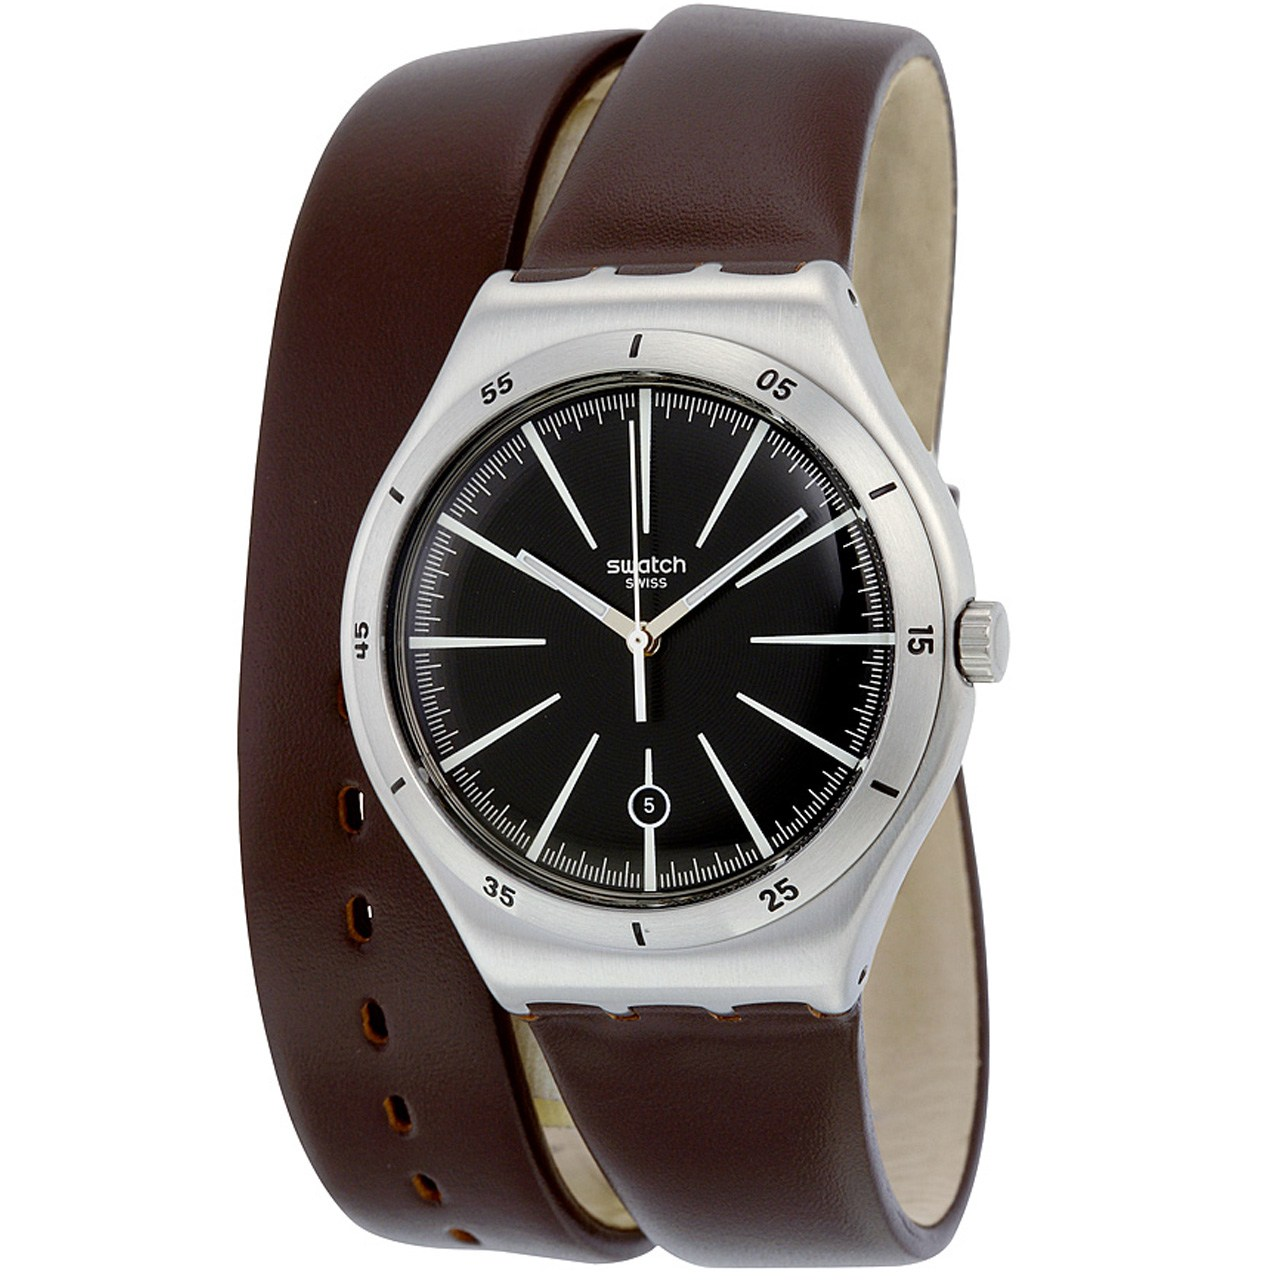 ساعت مچی عقربه ای مردانه سواچ مدل YWS409C 31